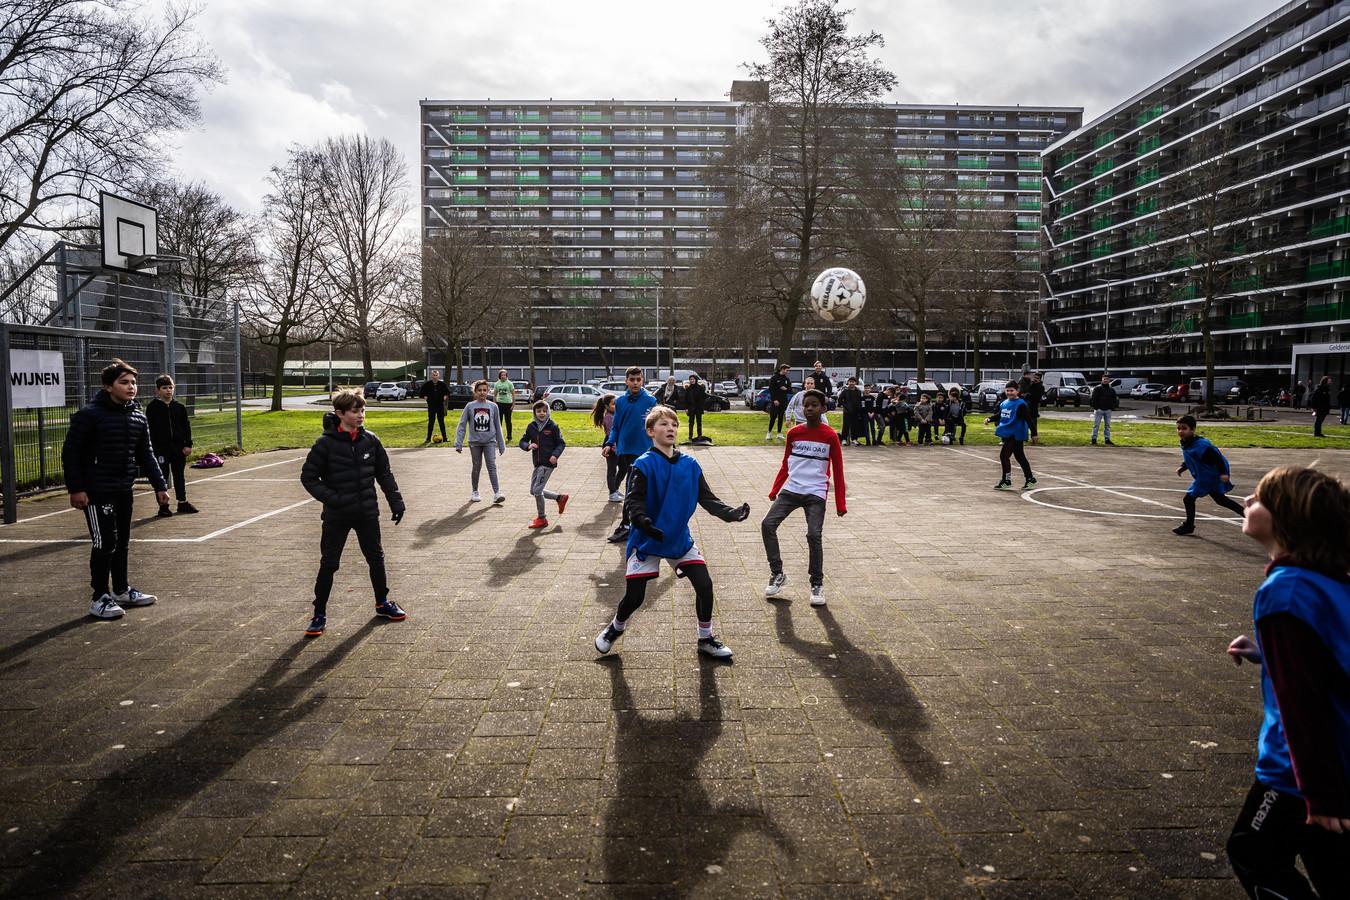 Vitesse cup gelderse plein initiatief van bouwbedrijf Van wijnen, vivare, en Vitesse betrokken. voetbaltoernooi voor de jeugd. Arnhem